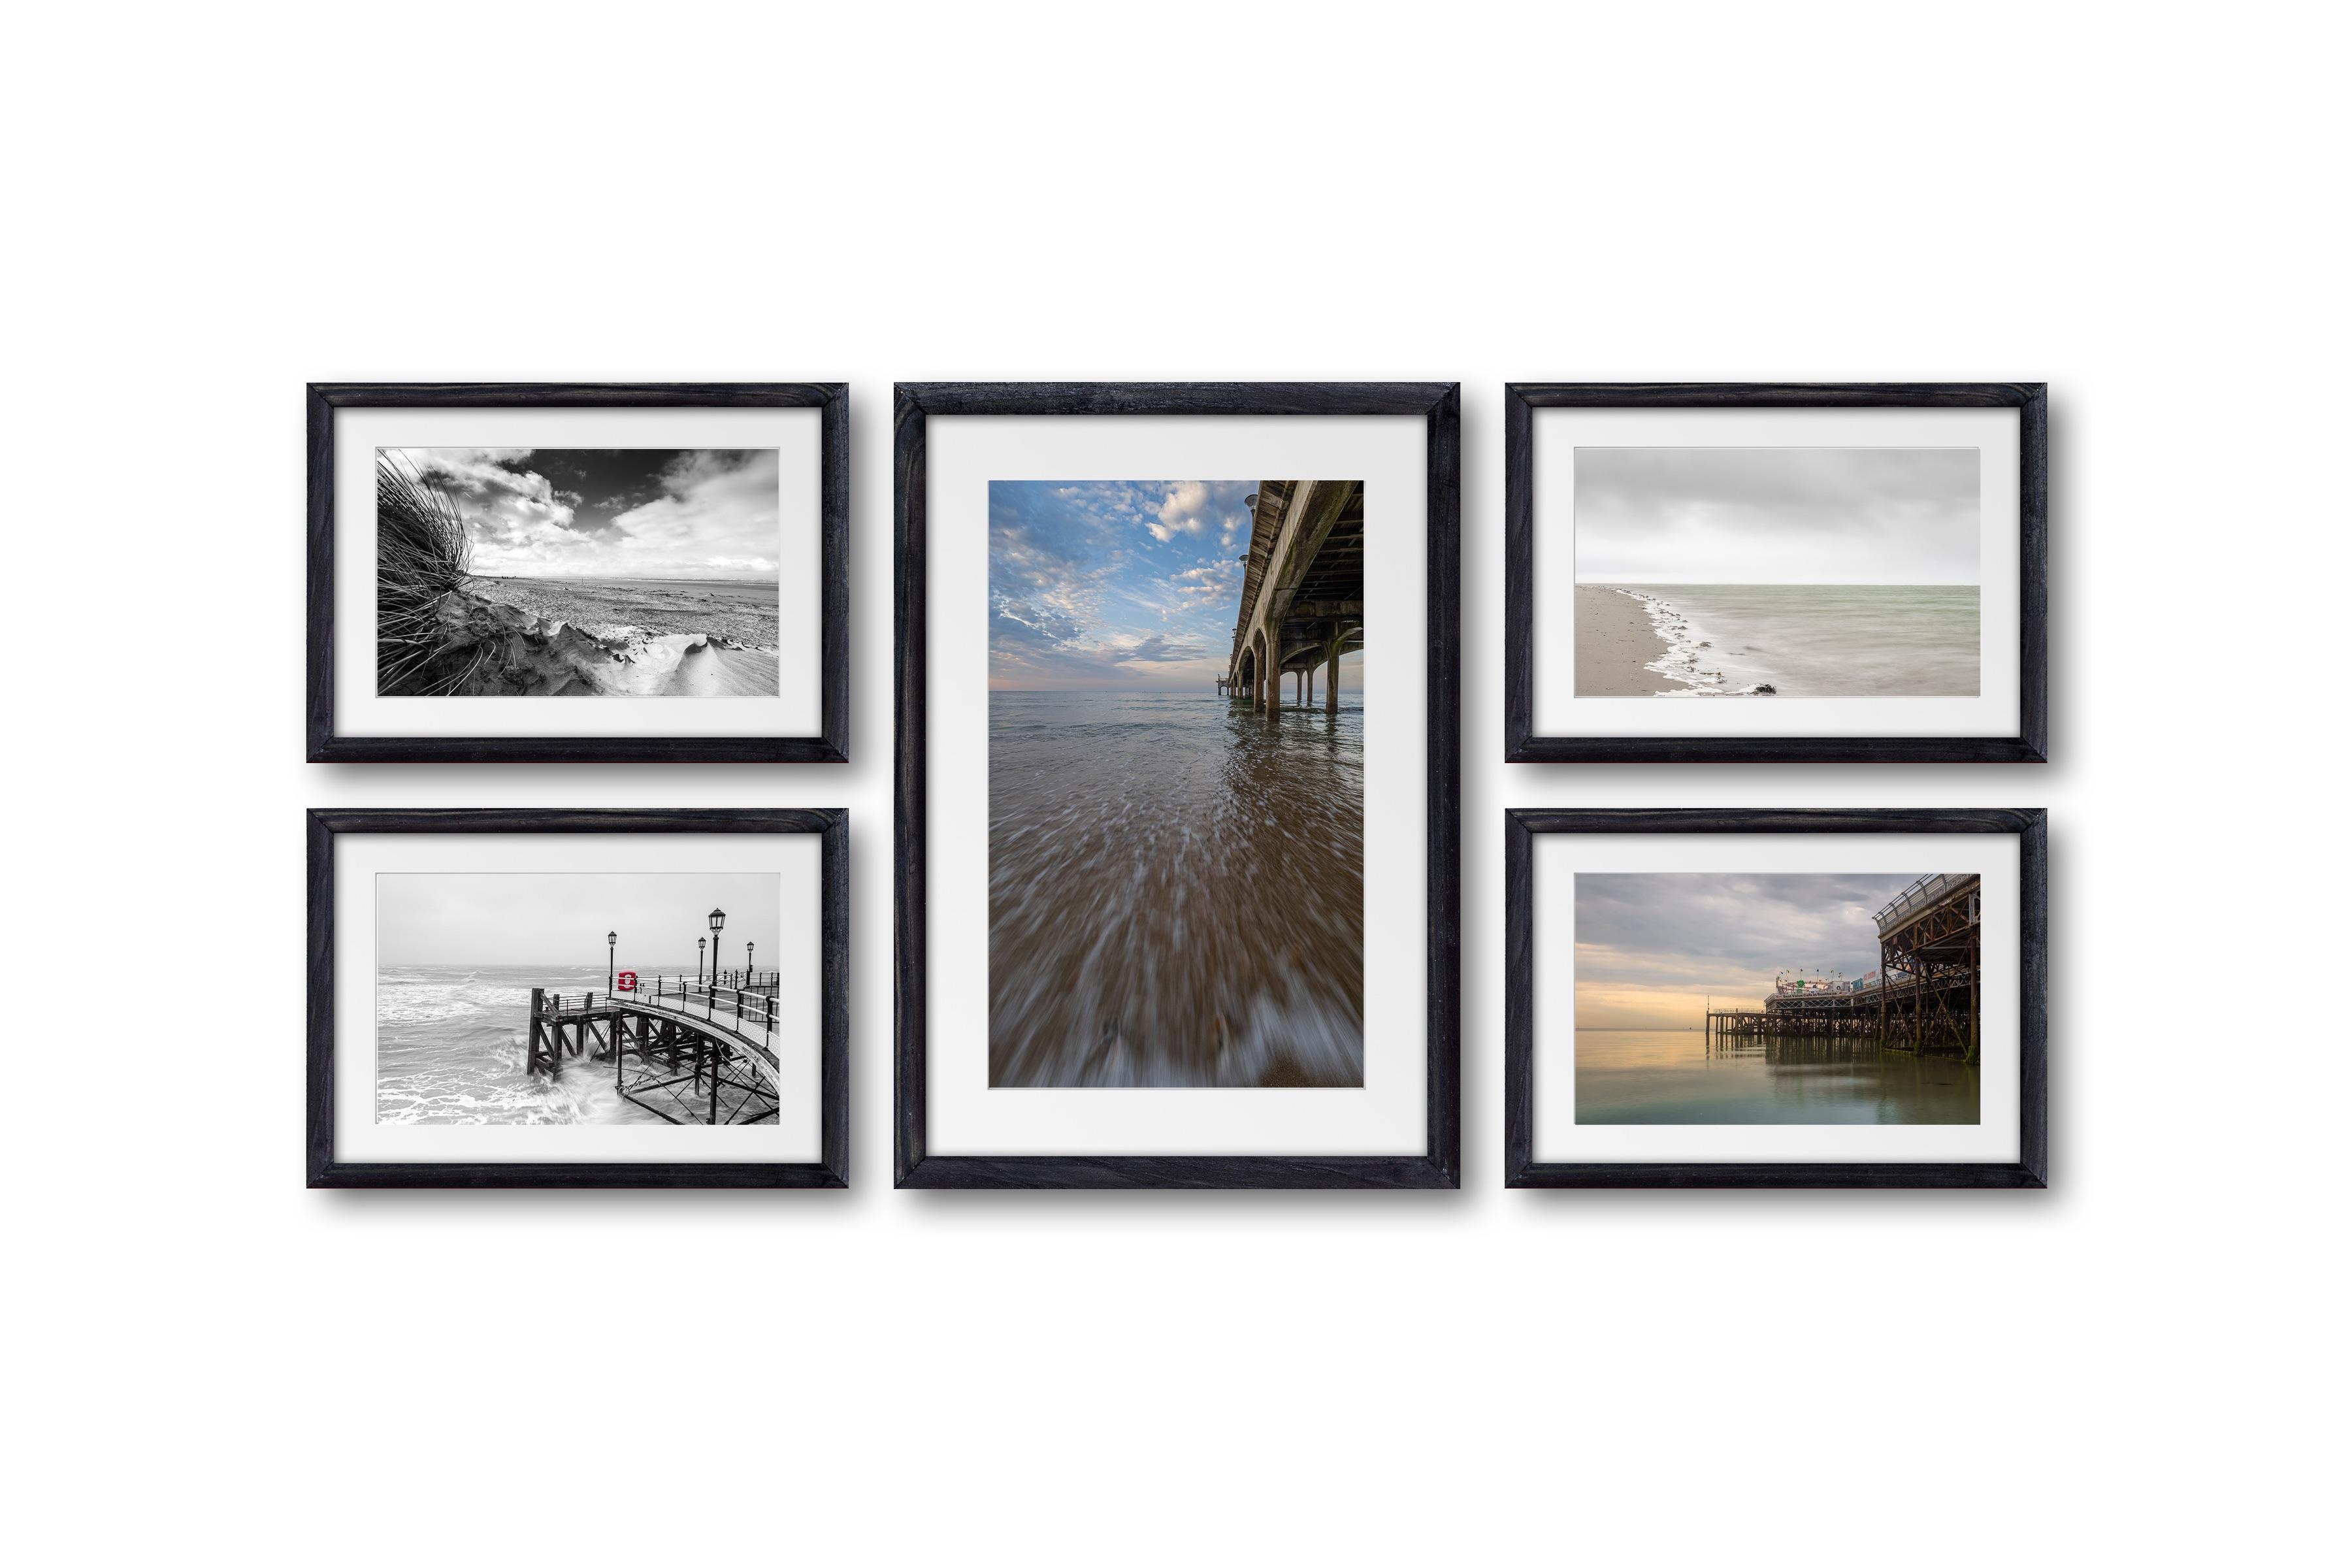 coast-5-frame-gallery-wall.jpg